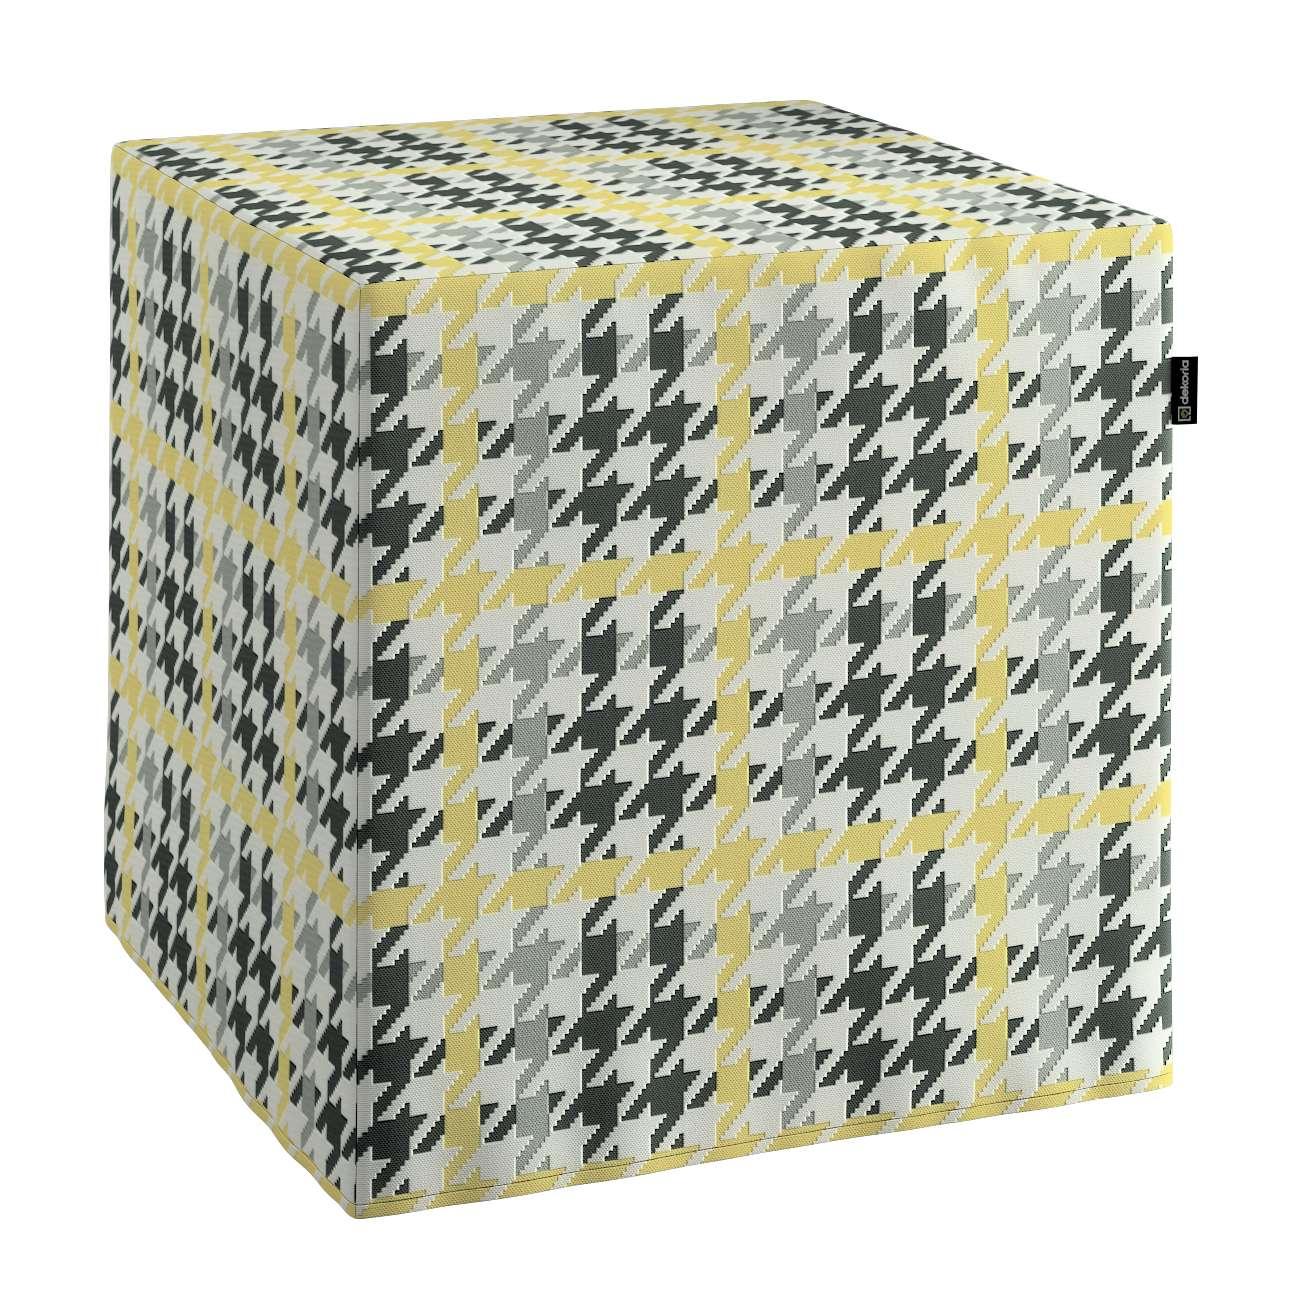 Sedák kostka - pevná 40 x 40 x 40 cm v kolekci Brooklyn, látka: 137-79